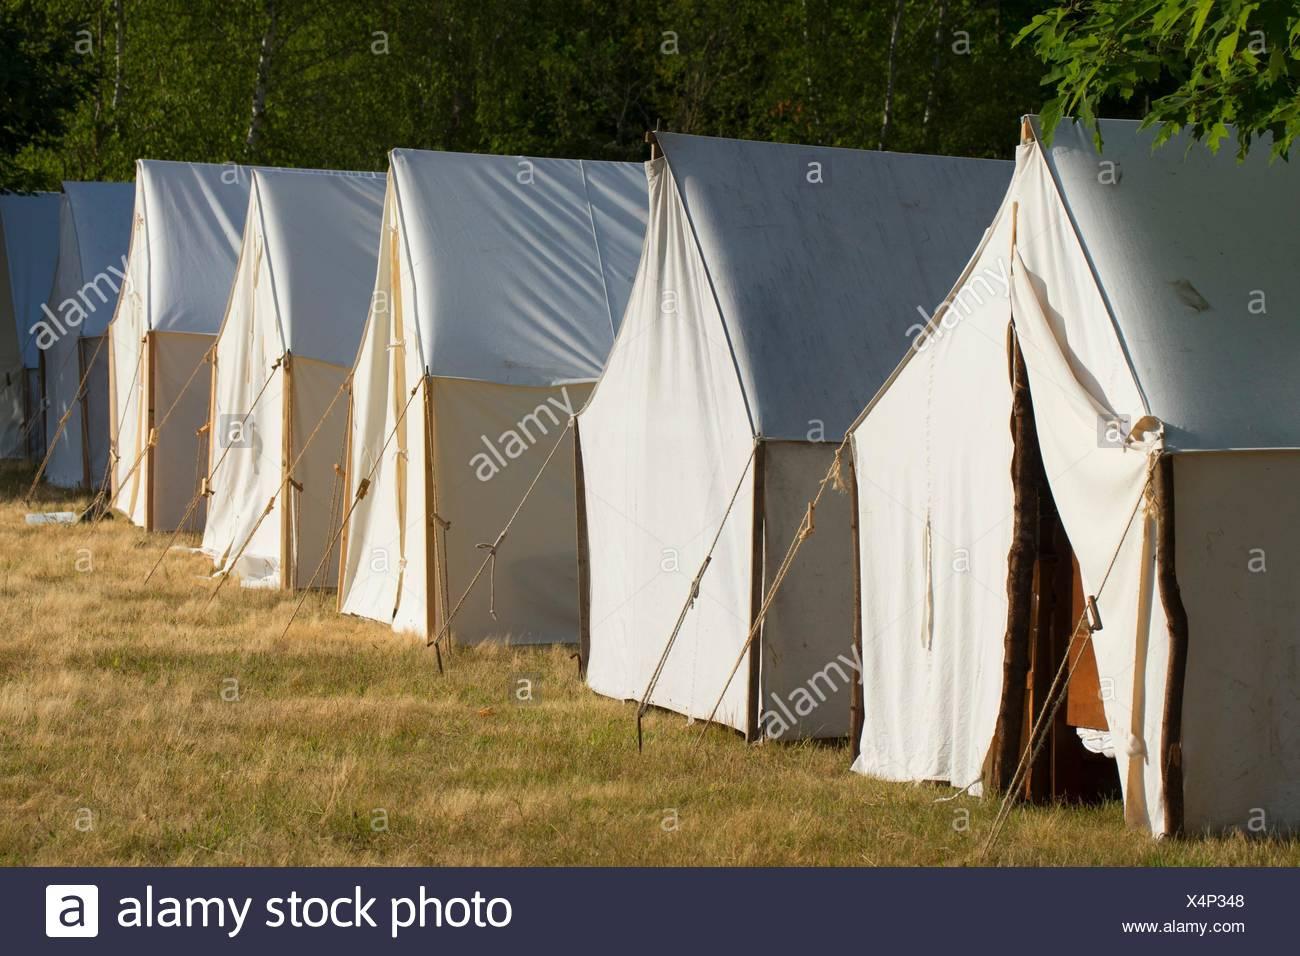 Les tentes du camp, la guerre civile Re-enactment, Willamette Mission State Park, Oregon. Photo Stock